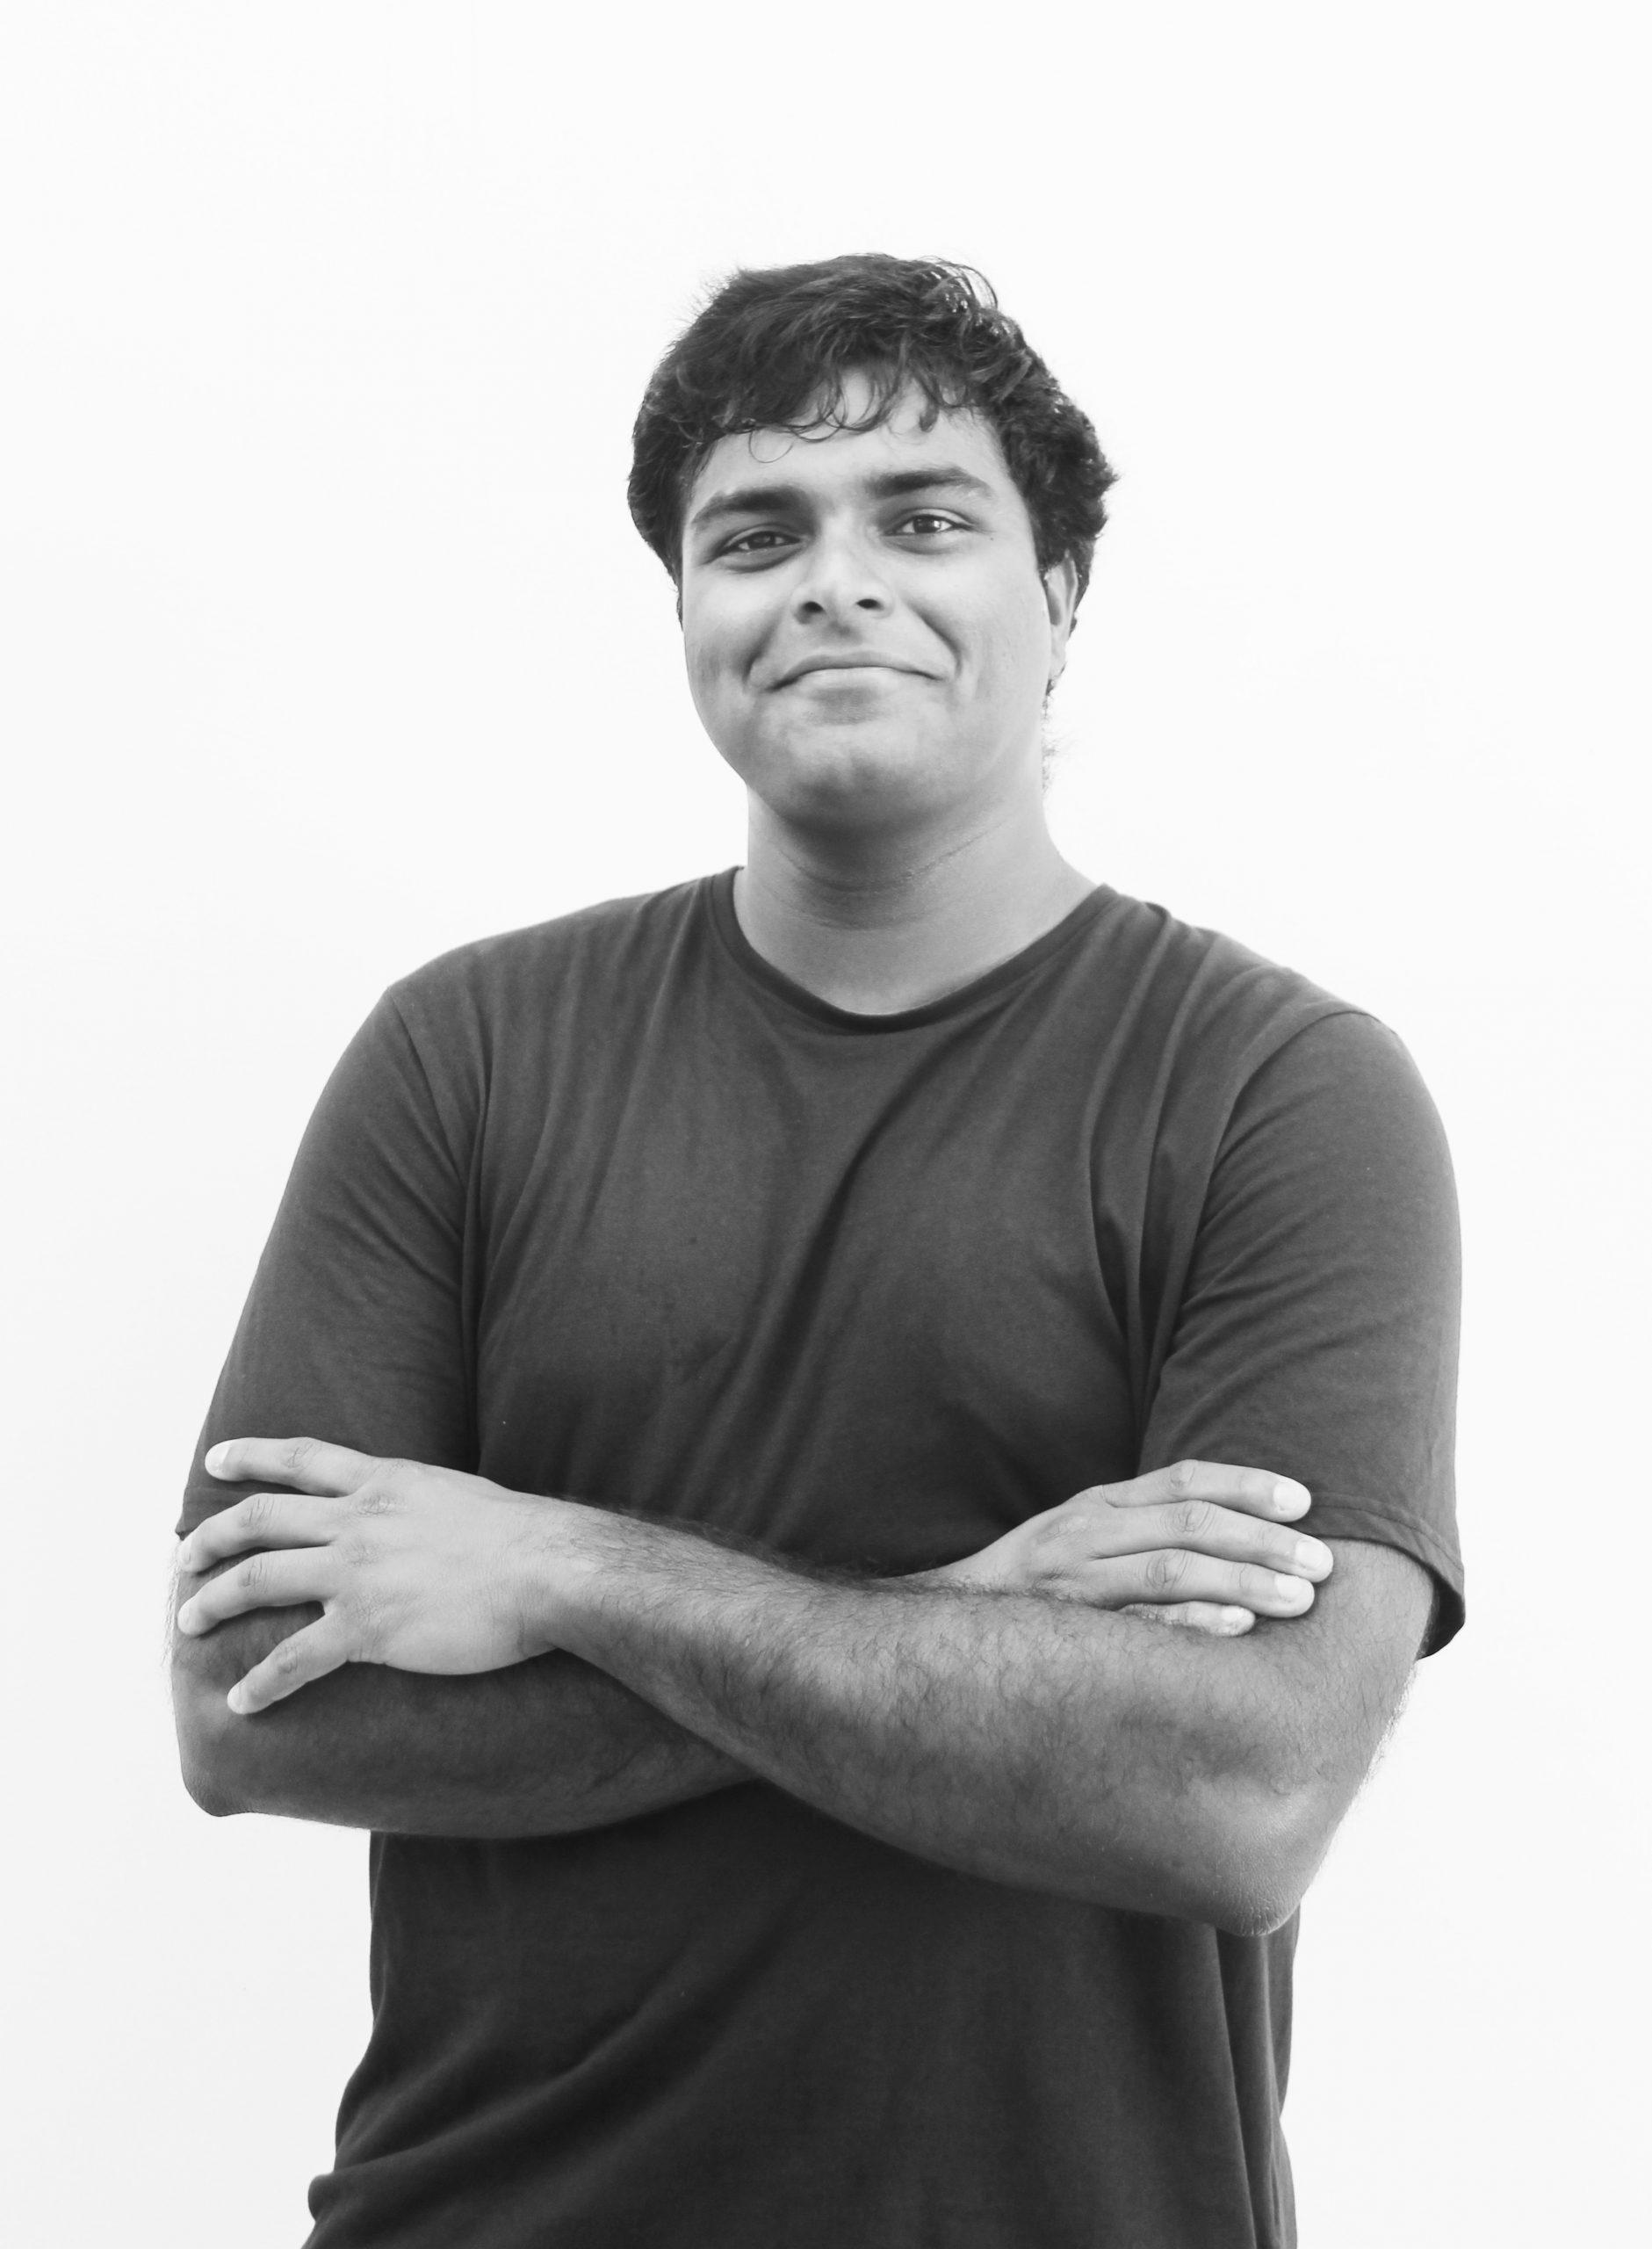 Vishnu Bharath